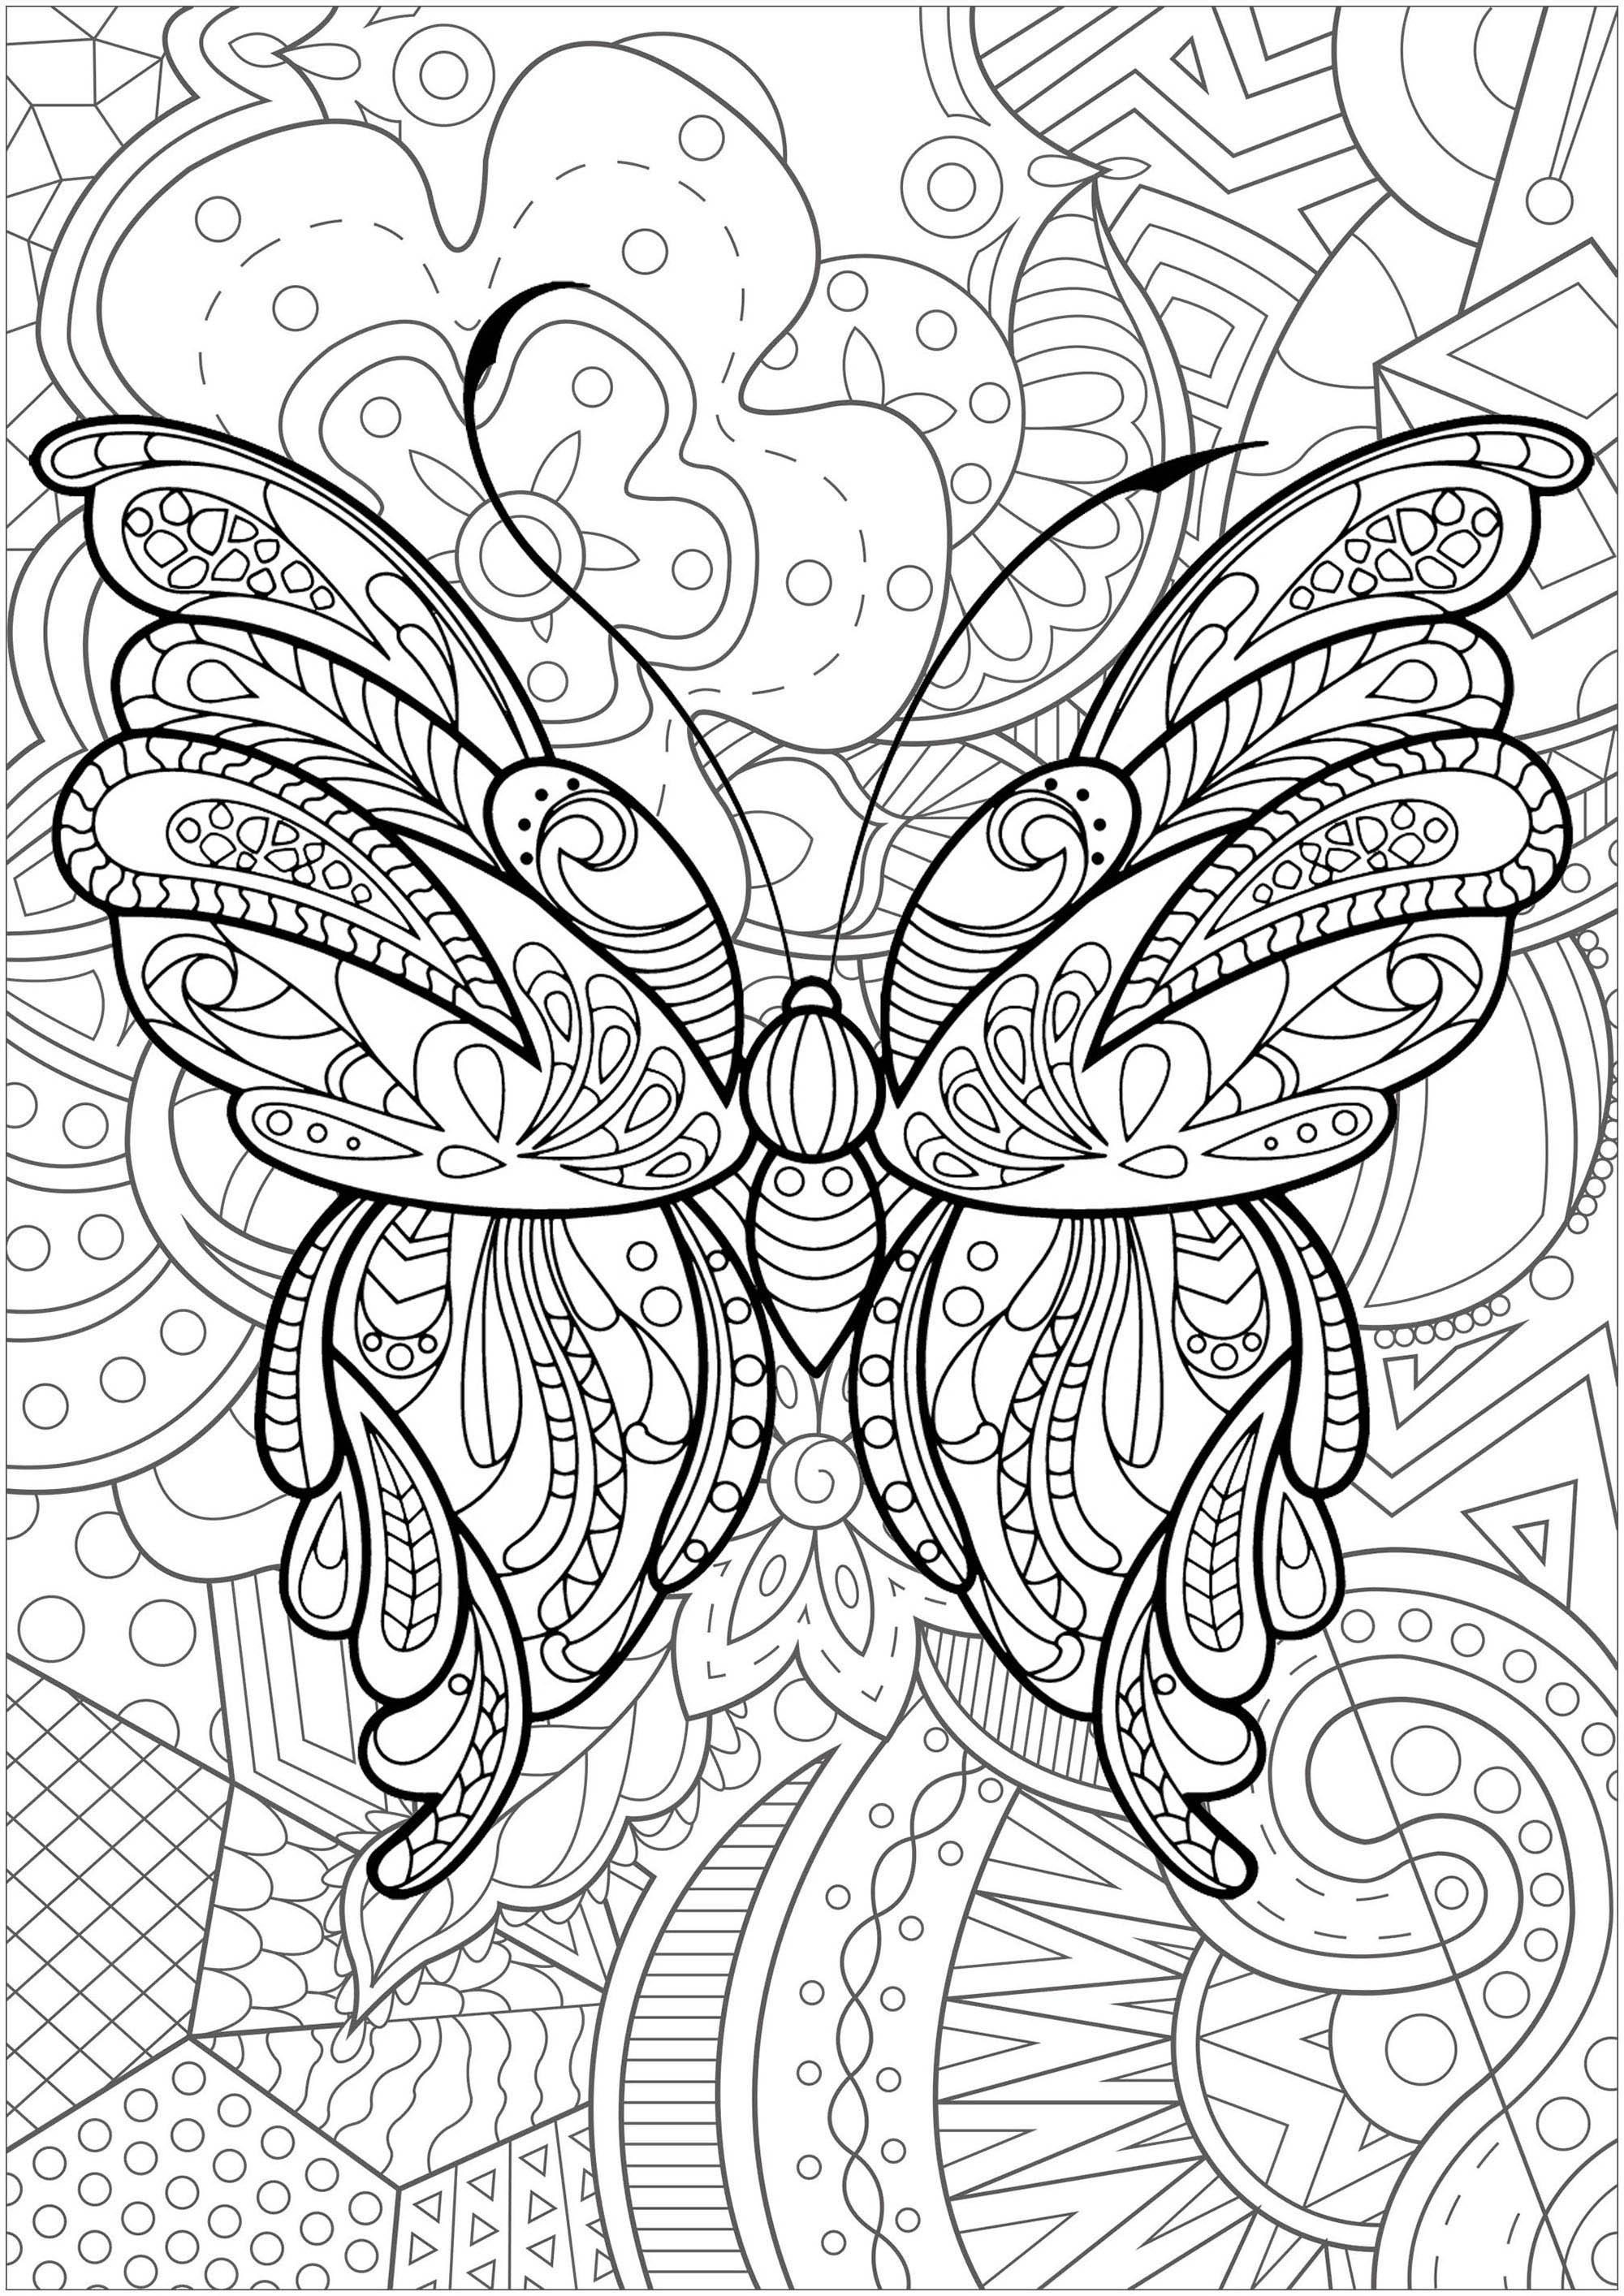 Colorear para Adultos : Mariposas e insectos - 1